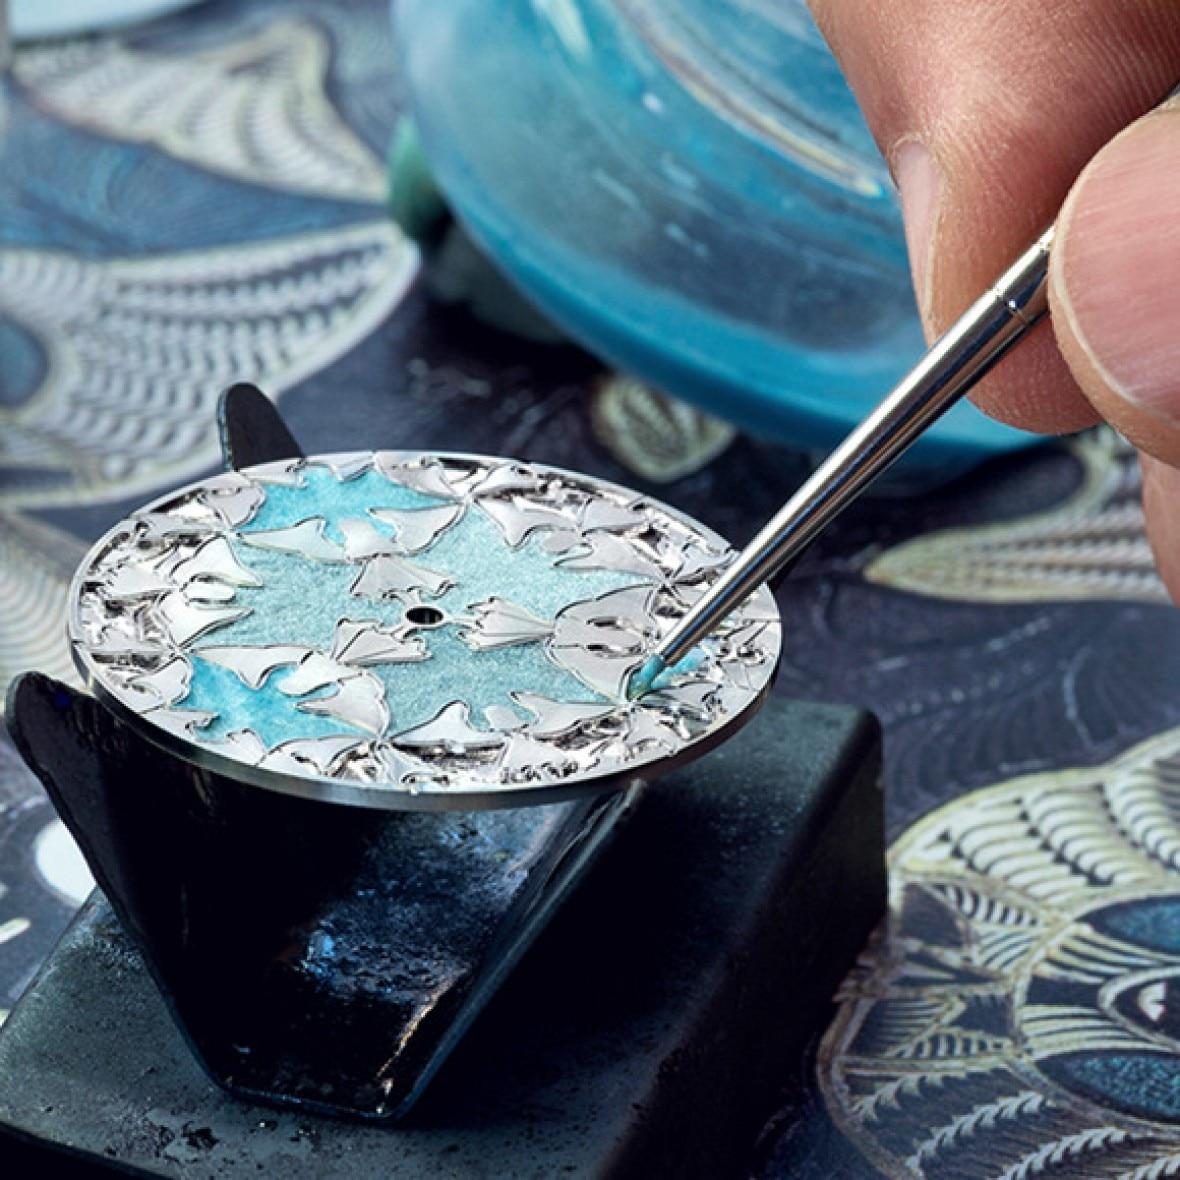 Enamel hay tráng men trên mặt kim loại là một trong những nghệ thuật đặc biệt hiện nay. Theo hãng Vacheron Constantin, chỉ một vài nghệ nhân bậc thầy thực sự làm chủ được kỹ nghệ phức tạp và trắc trở này. Dù là Grand Feu, cloisonné hay champlevé, mỗi cách tráng men đòi hỏi hàng chục năm đào tạo, cùng sự chính xác đến trong kiểm soát màu sắc, nhiệt độ.